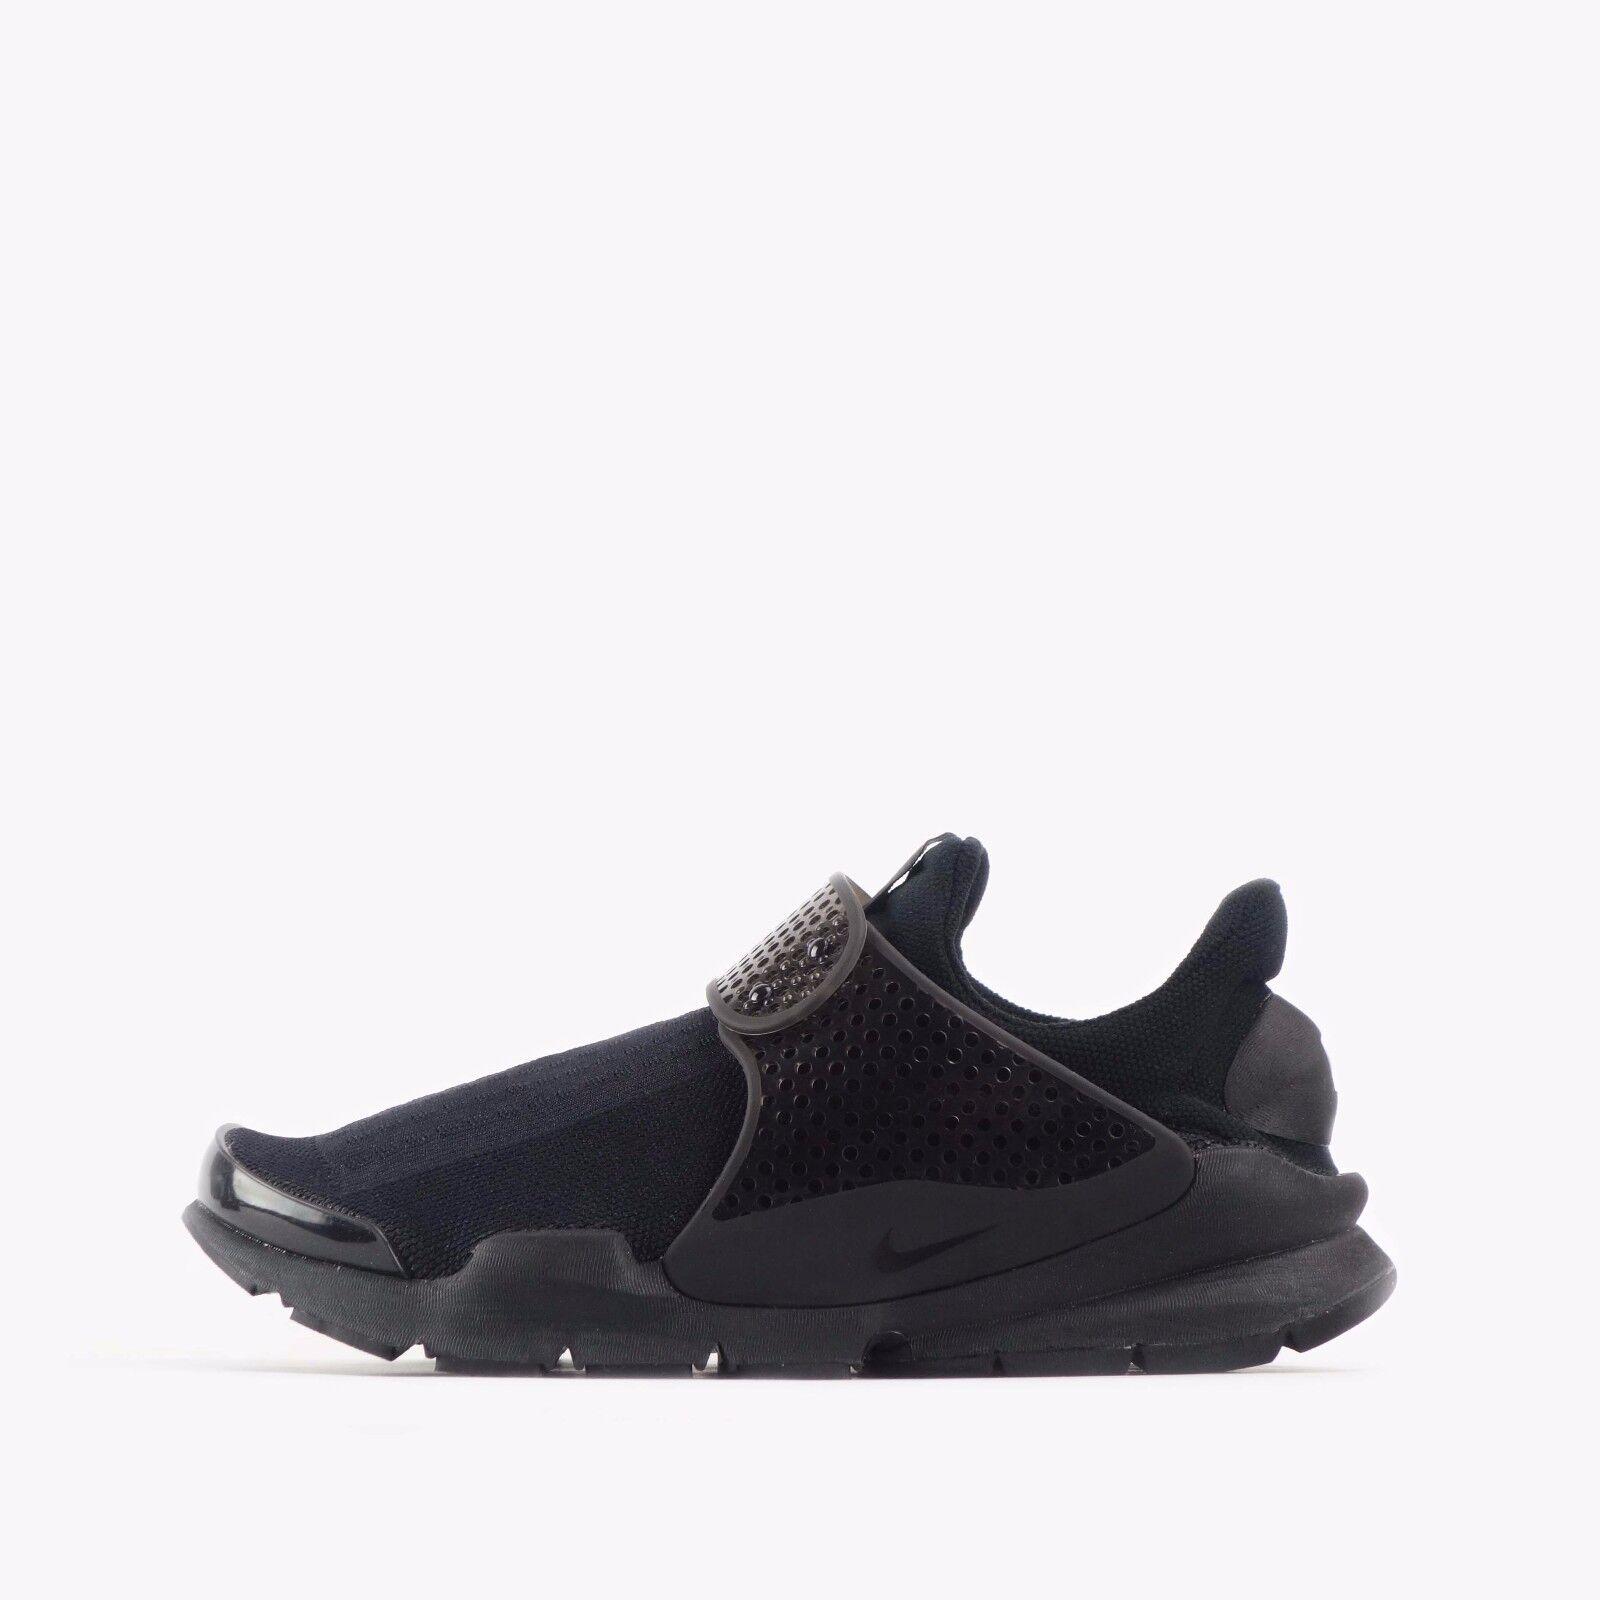 Nike Sock Dart Men's Triple Black Black Black Shoes 13d58d